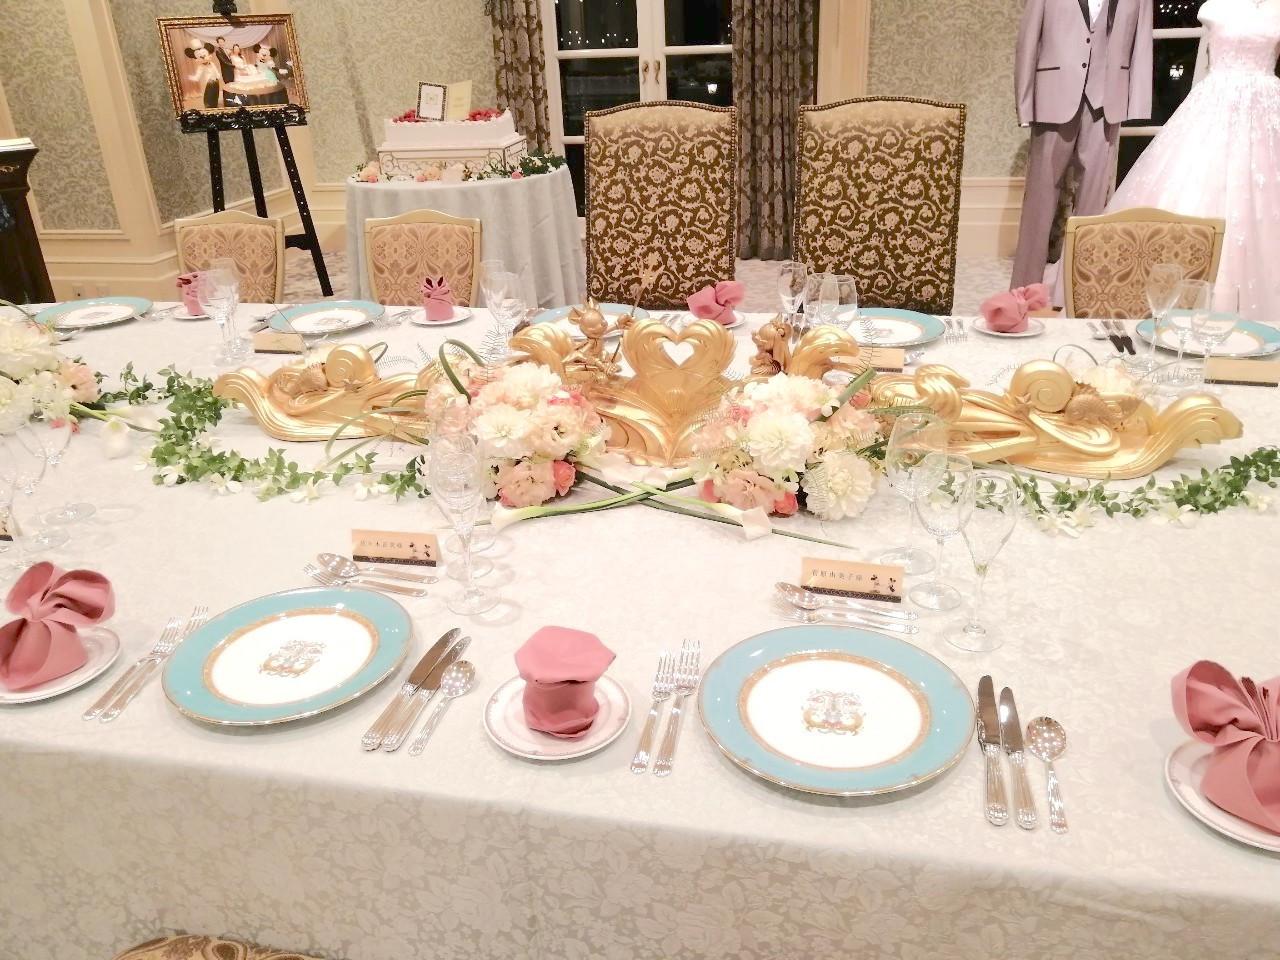 【ディズニー結婚式】費用はいくら?アンバサダー・ミラコスタ・ランドホテルの種類と値段